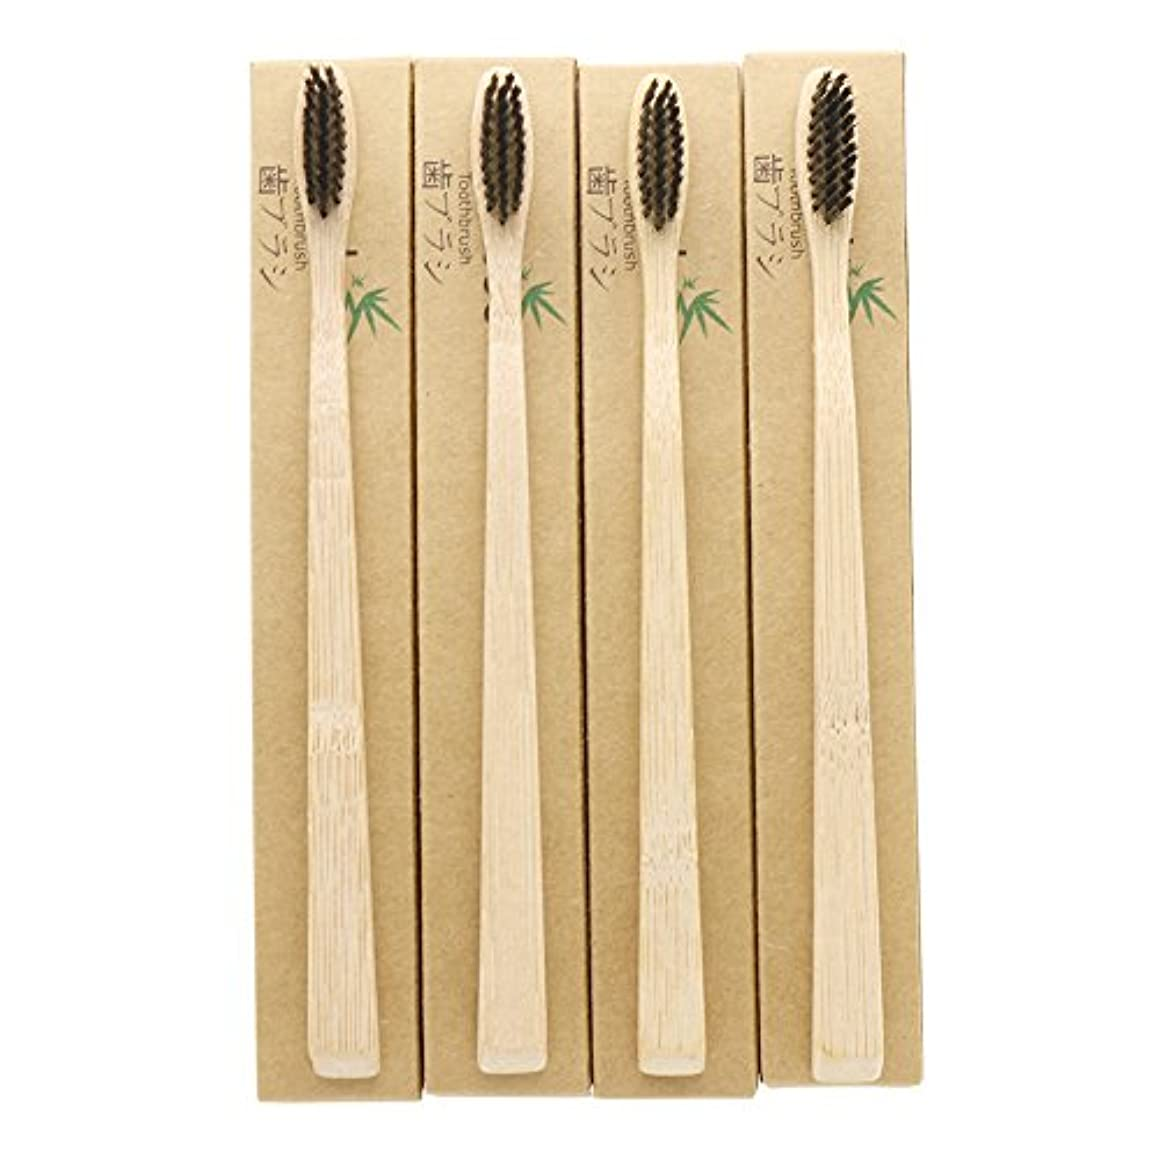 痛み磁気ギャラントリーN-amboo 竹製耐久度高い 歯ブラシ 黒い ハンドル小さい 4本入りセット